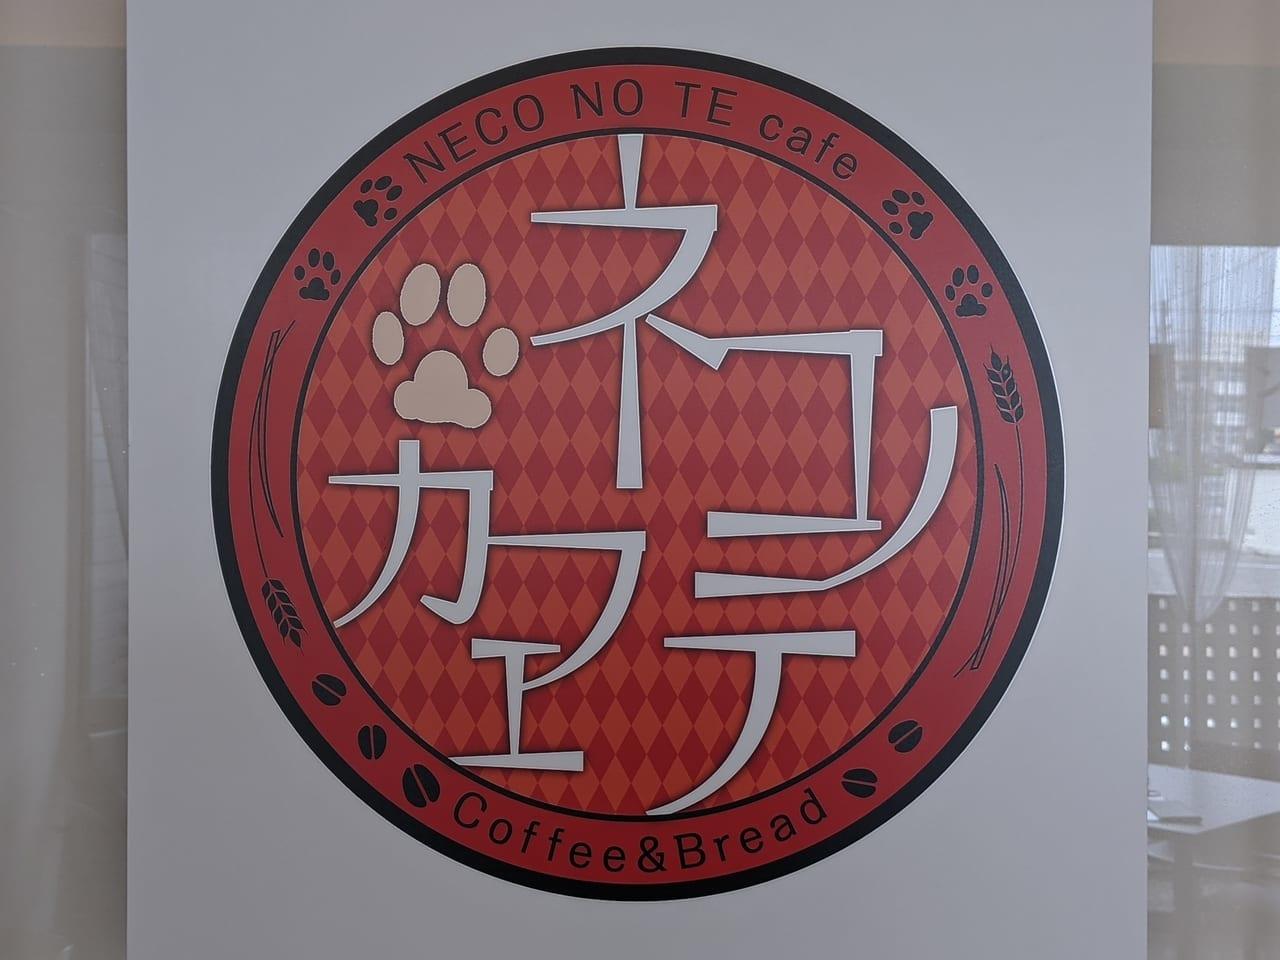 ネコノテカフェのロゴマーク